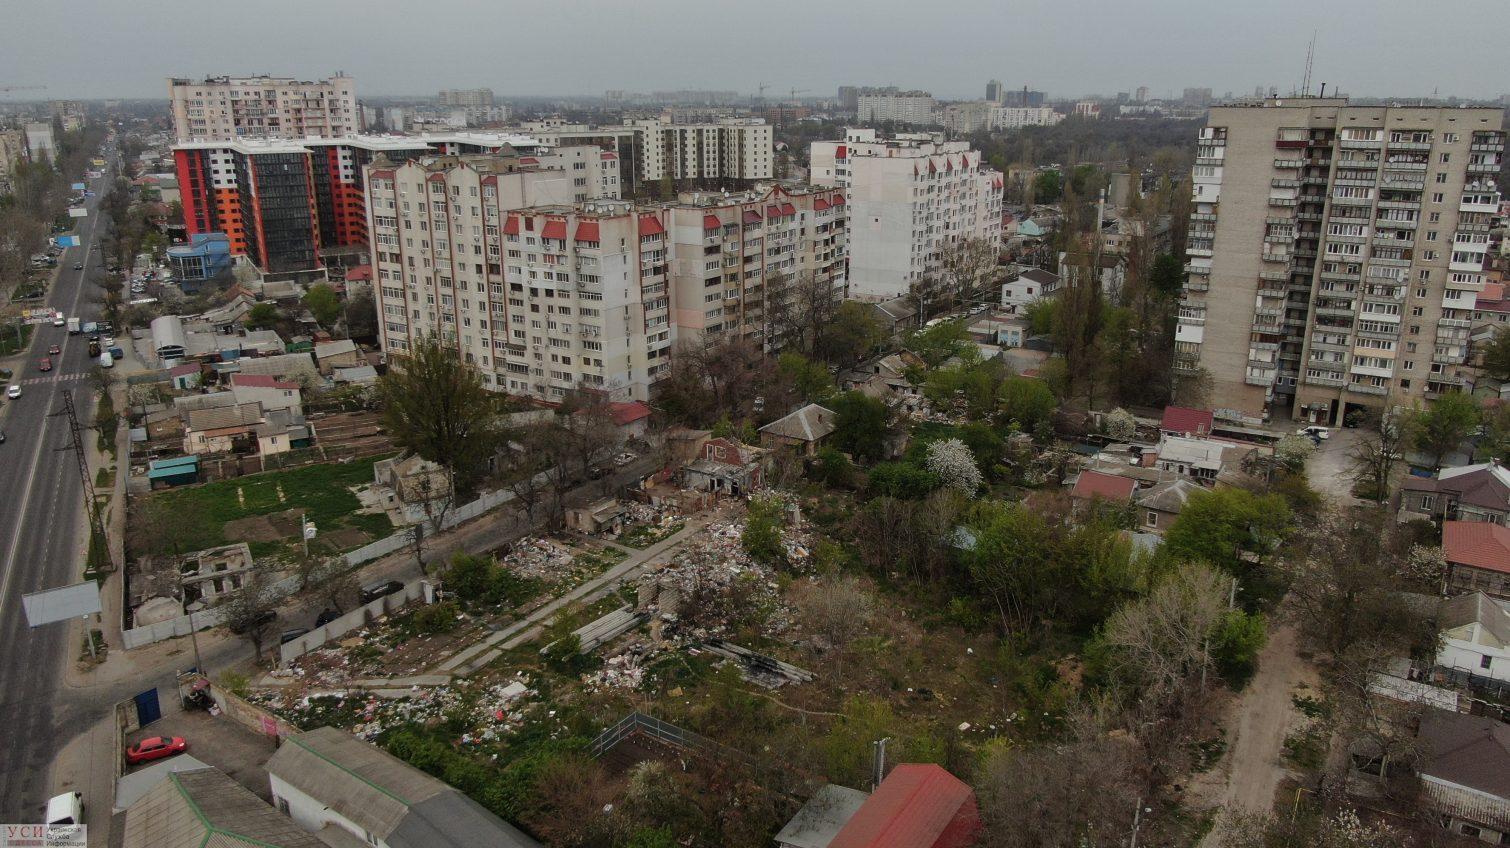 Зона бедствия: на месте заброшенной стройки «Златограда» образовалось пристанище для бездомных (фото) «фото»